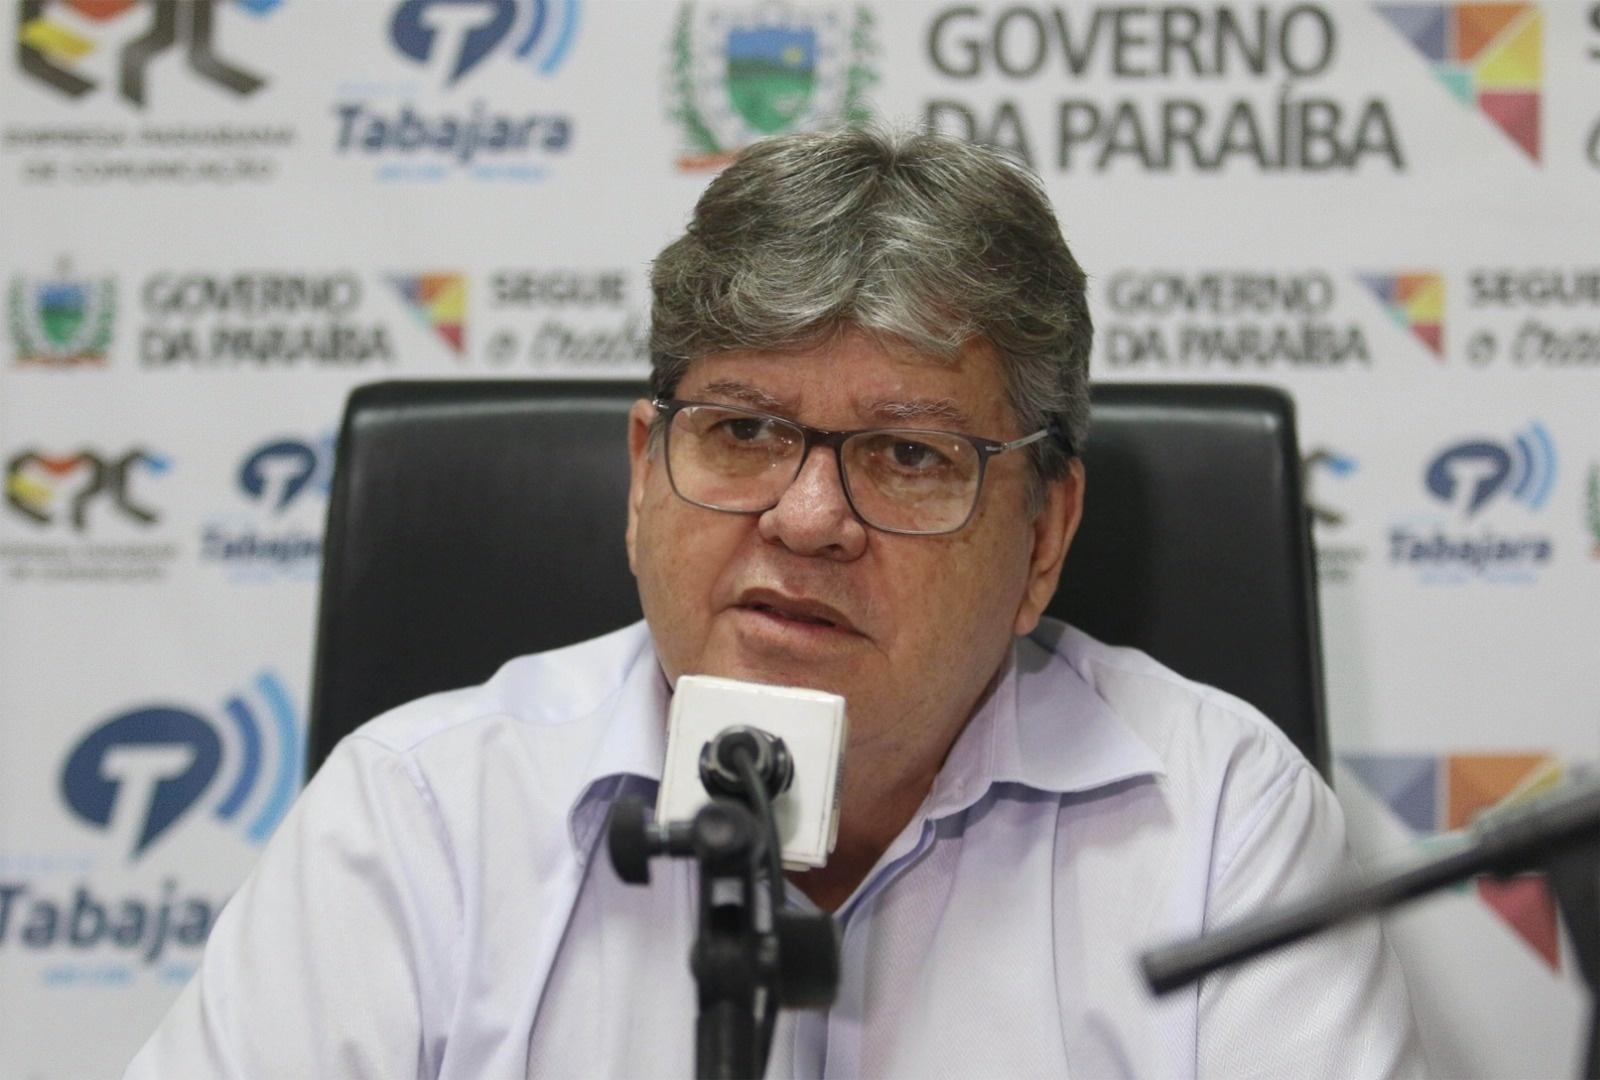 foto 186 - Governo da Paraíba é vítima de fake news sobre a Calvário; PF explica que Azevedo não foi alvo de operação; confira